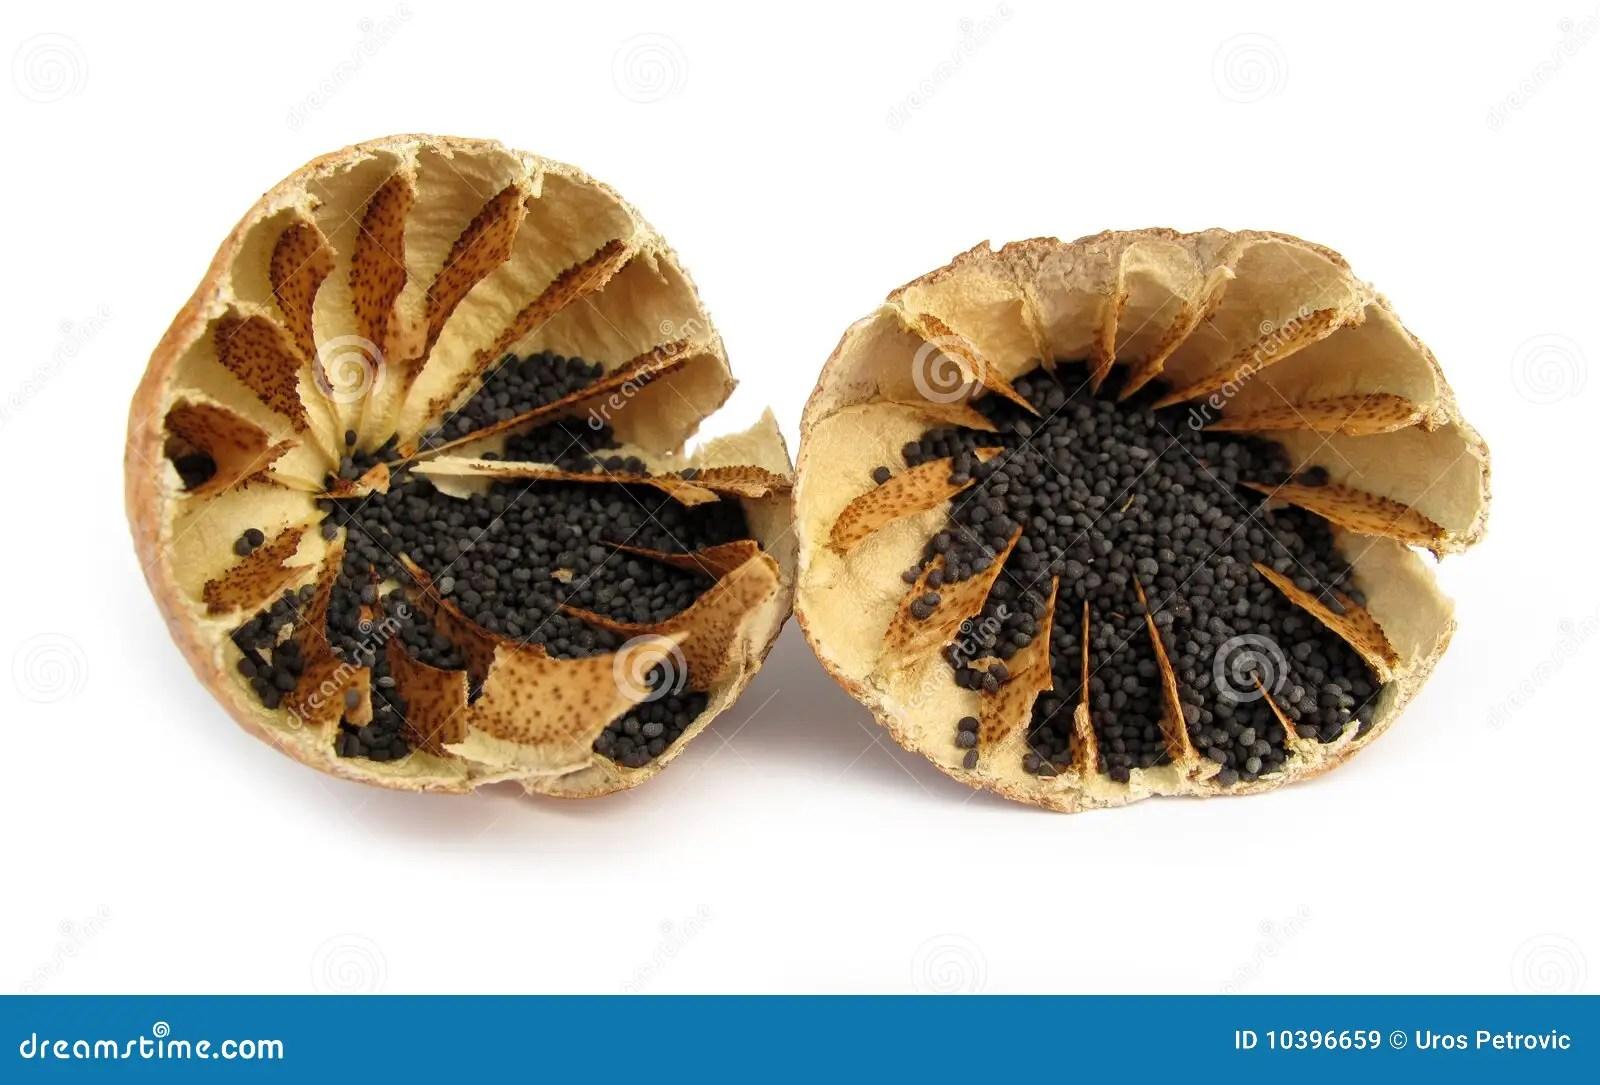 3d Design Flower Wallpaper Opium Poppy Royalty Free Stock Images Image 10396659